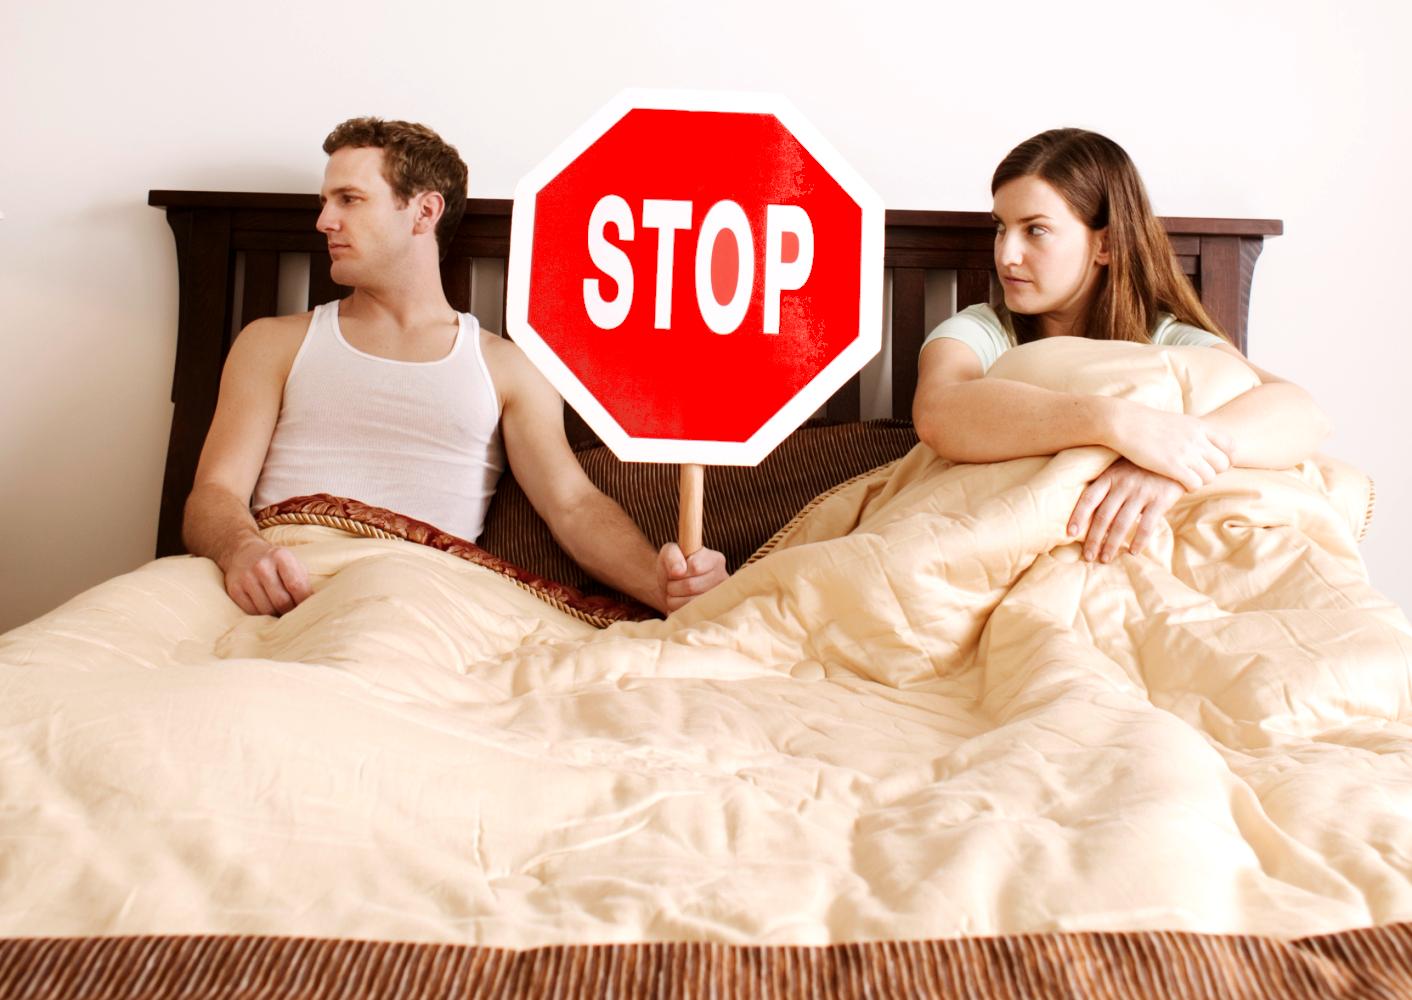 воздержаться от секса за 3 дня до взятия мазка на ВПЧ